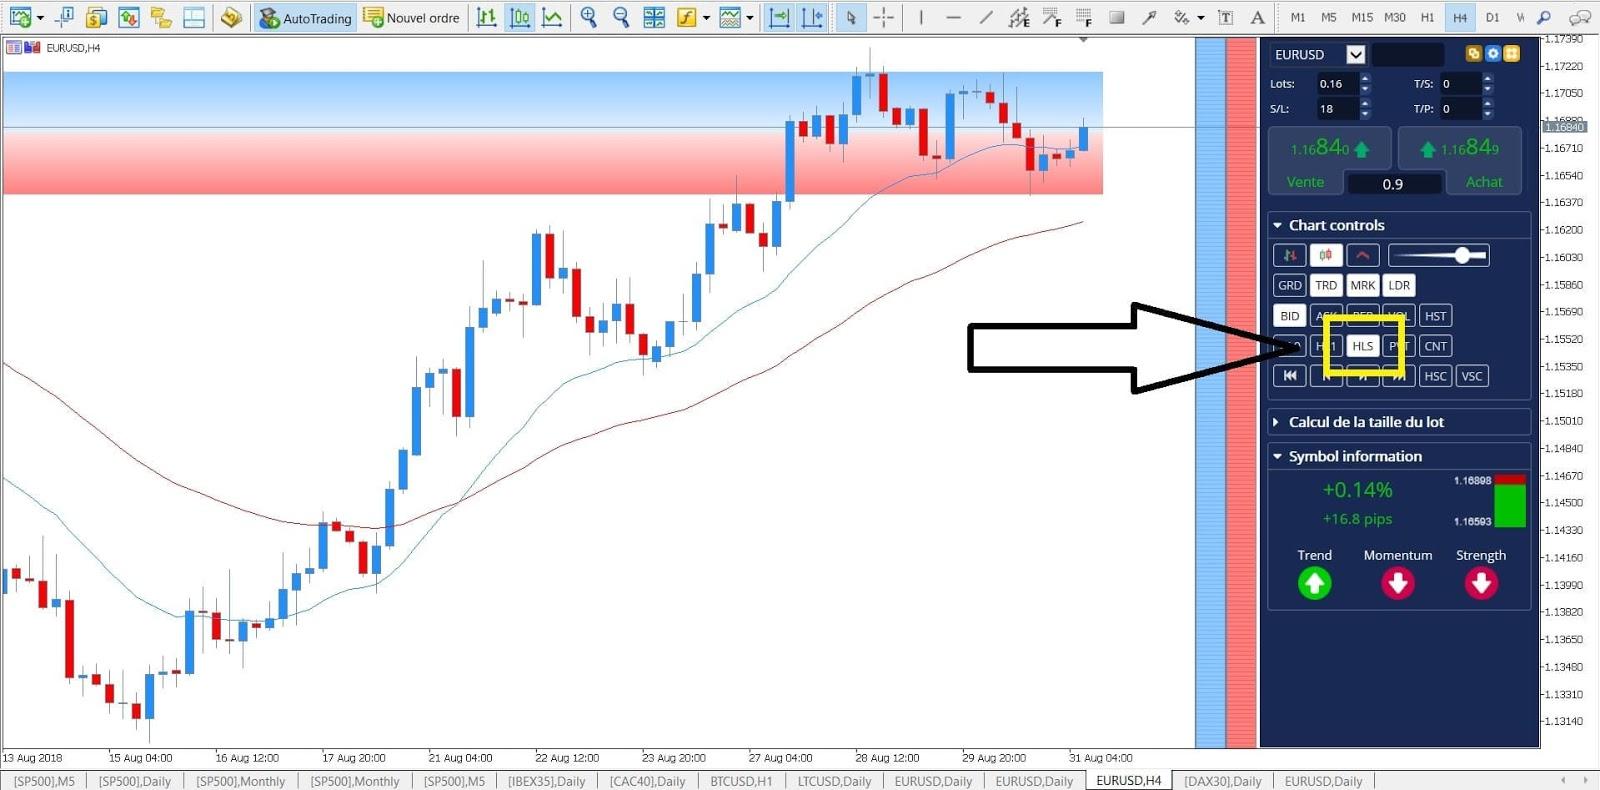 eurusd chart trading